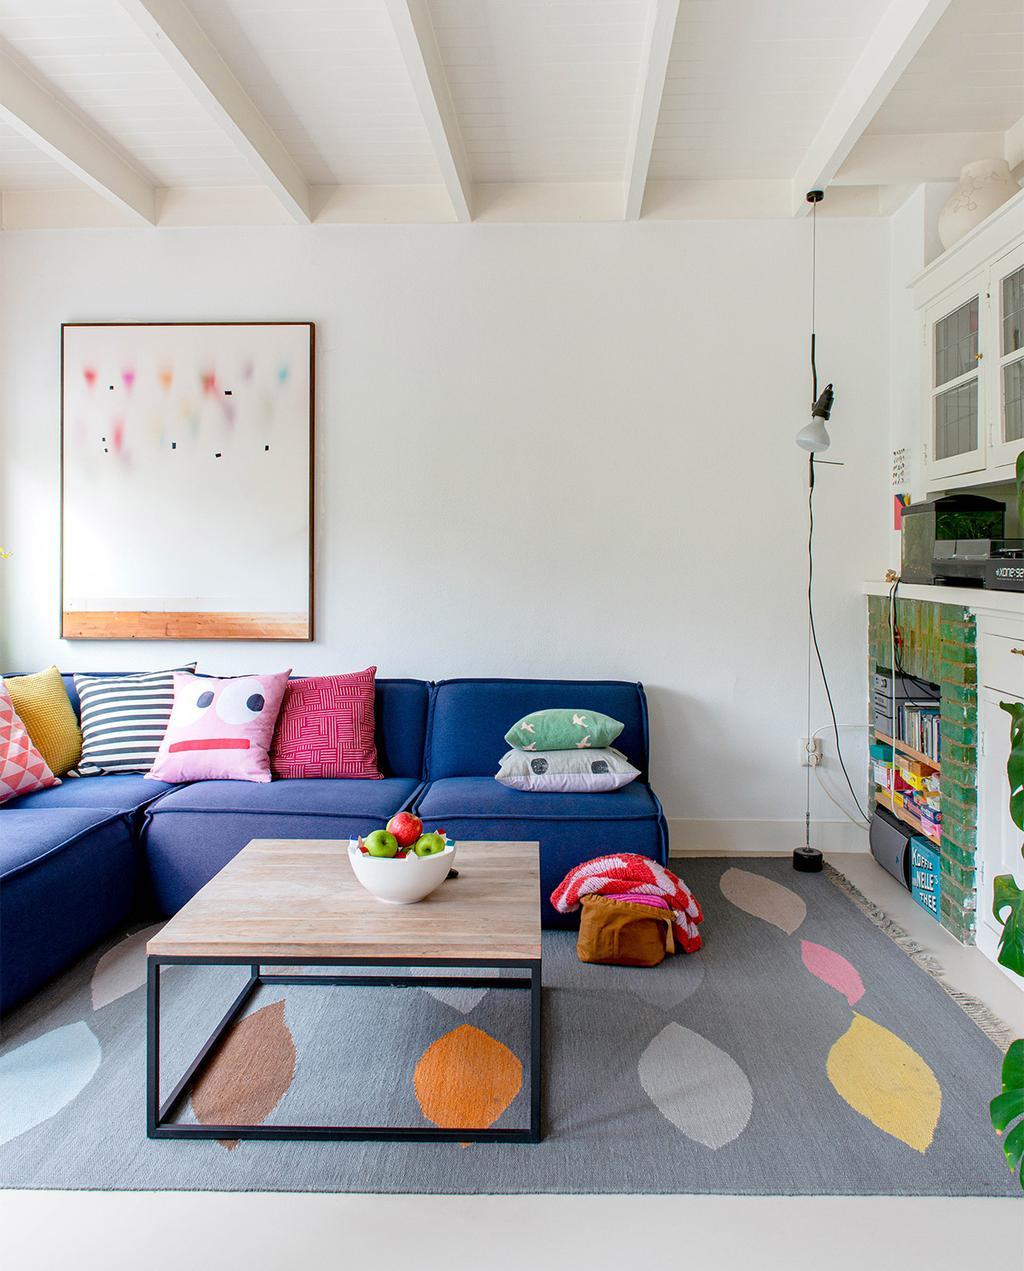 vtwonen 07-2021 | kleurrijk vloerkleed met een gele kattenmand en opvallende kussens